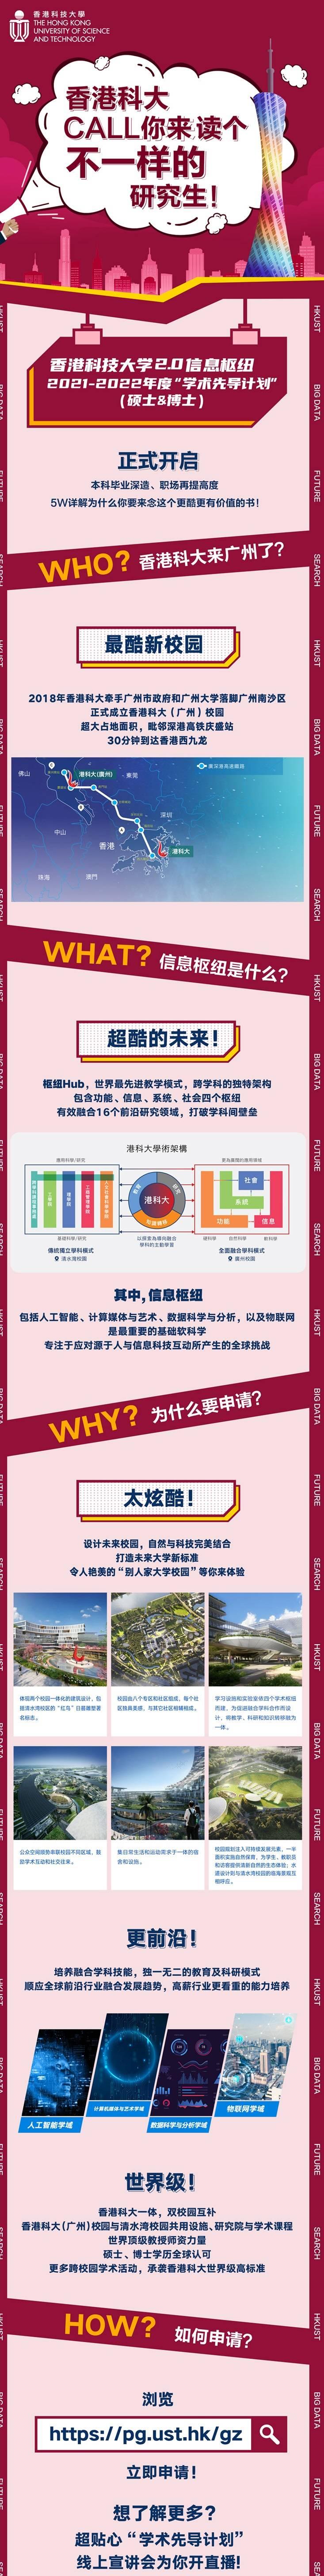 香港科技大学(广州)信息中心在线演示